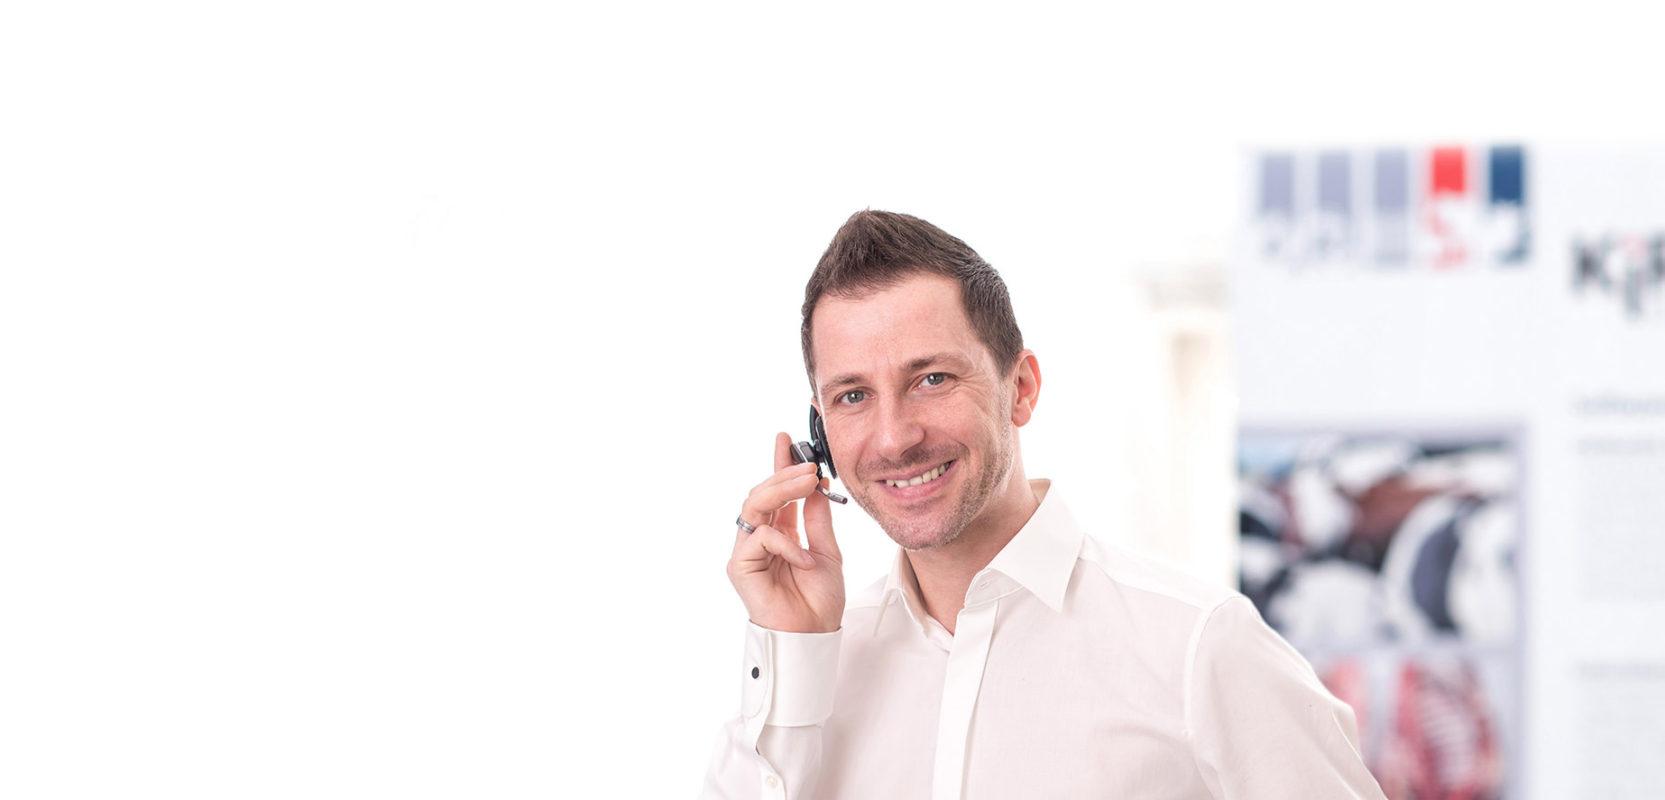 IT-Support KiRa, Mann hat Headset auf und KiRa Logo im Hintergrund